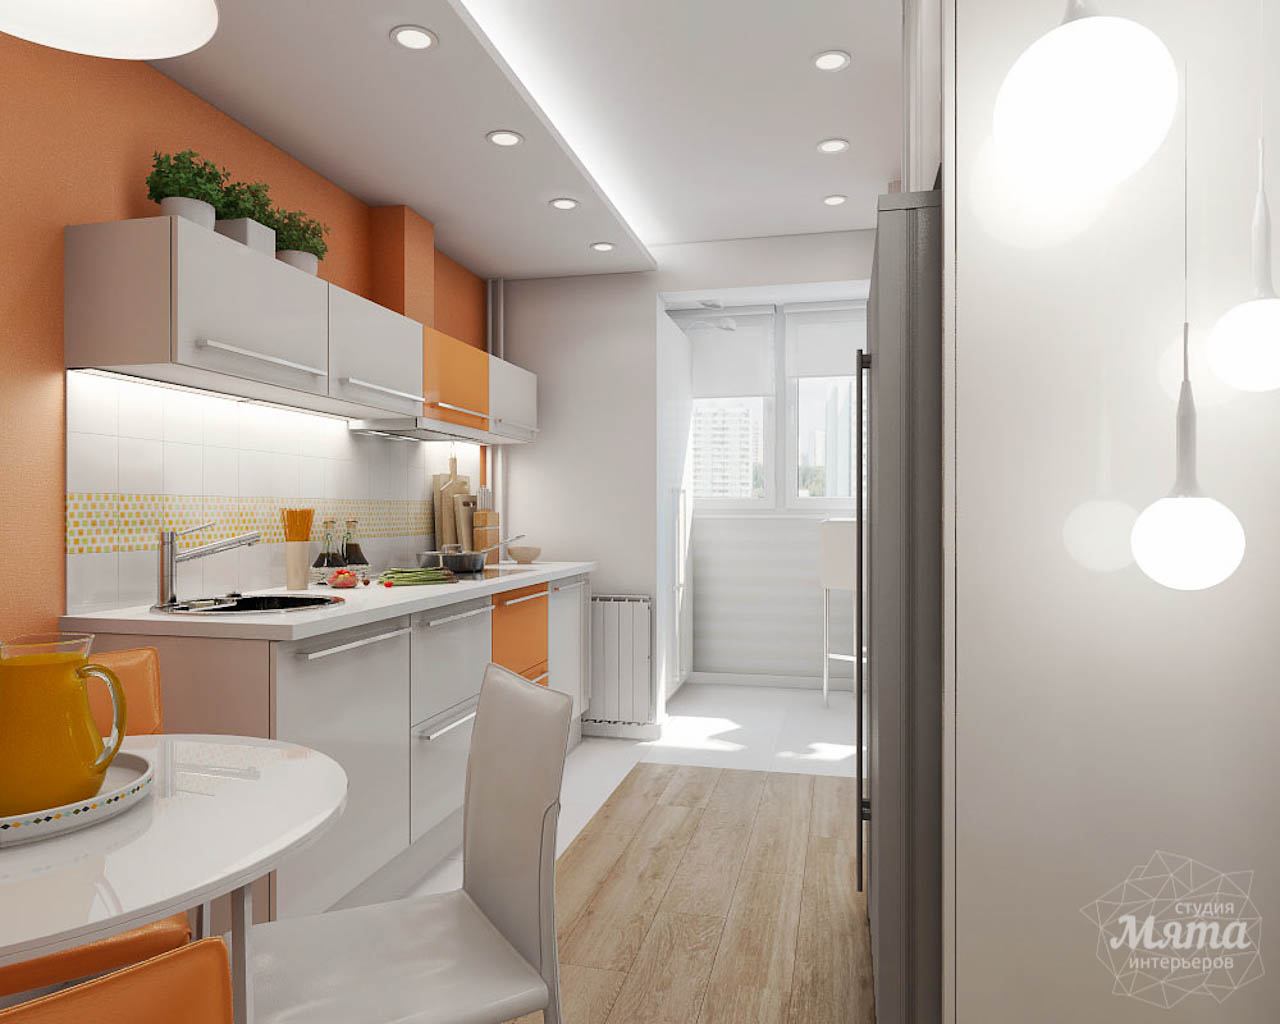 Дизайн интерьера однокомнатной квартиры в современном стиле по ул. Агрономическая 47 img568051024